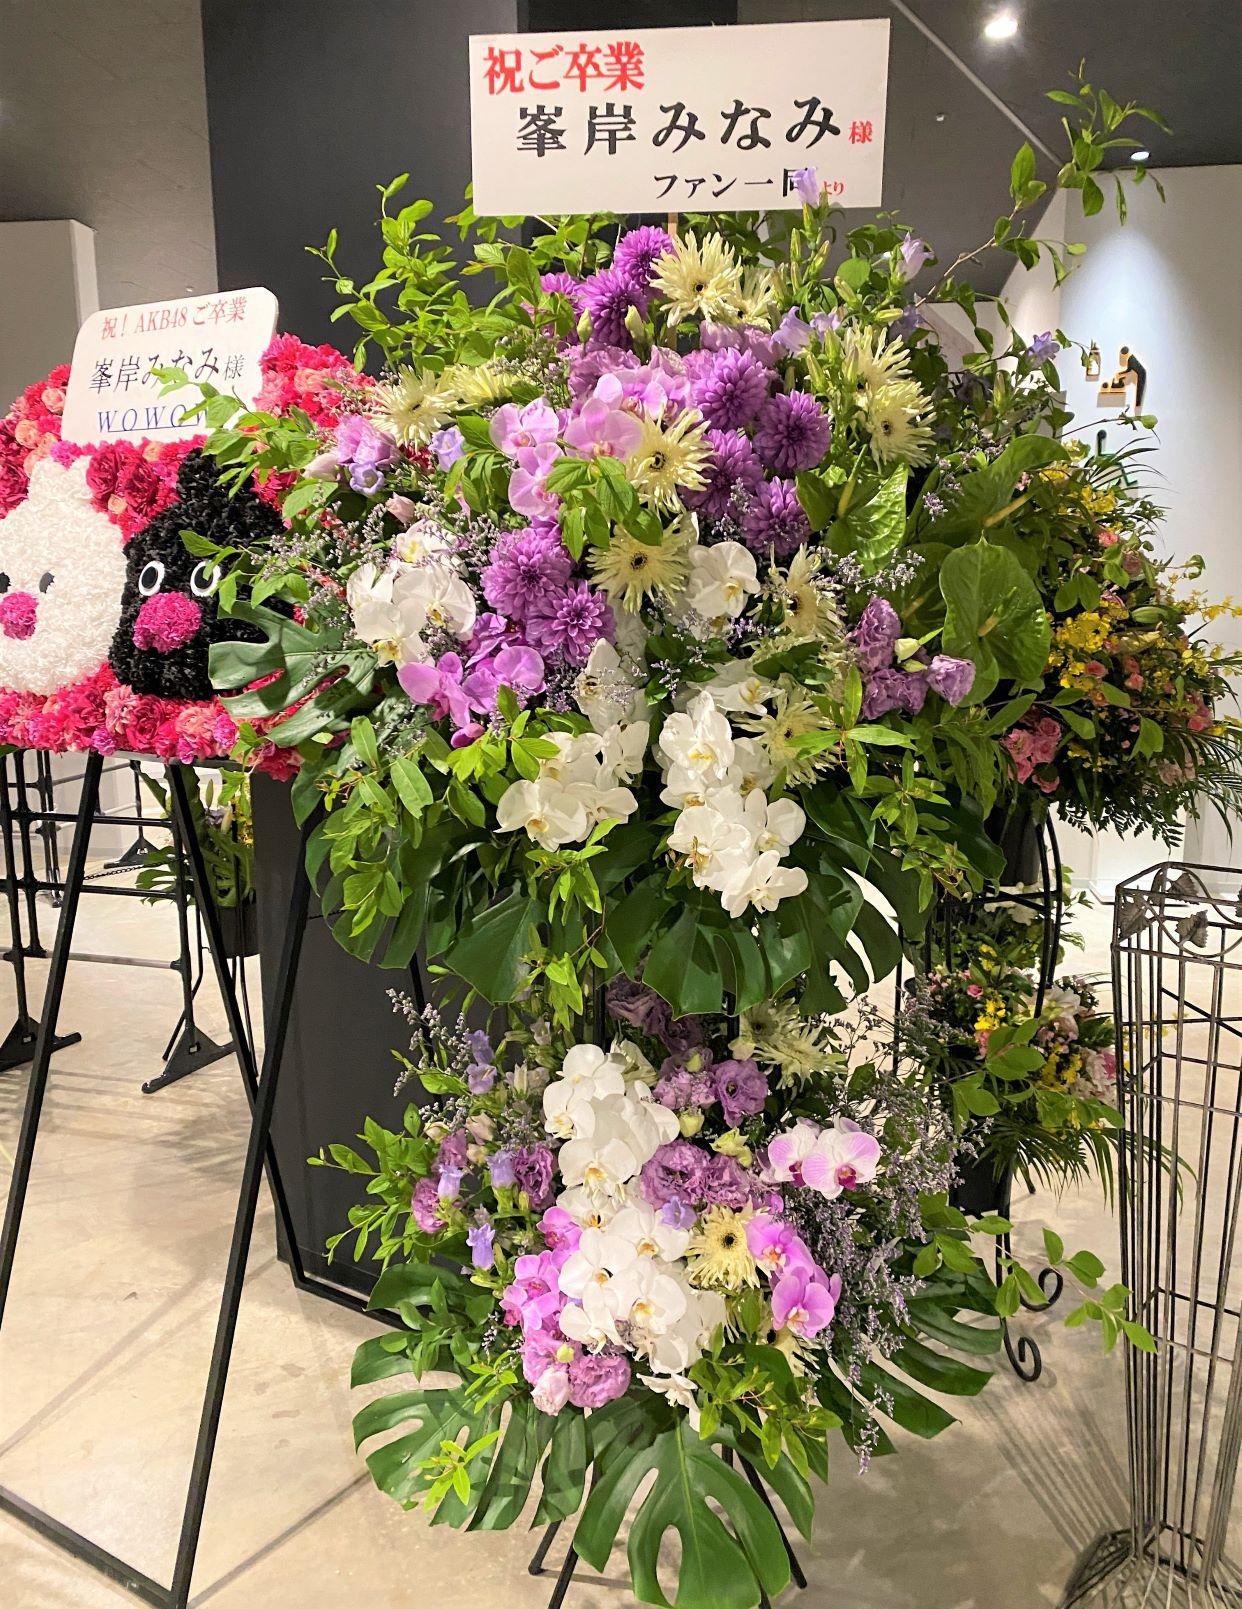 ぴあアリーナMMへスタンド花を配達しました。【横浜花屋の花束・スタンド花・胡蝶蘭・バルーン・アレンジメント配達事例902】